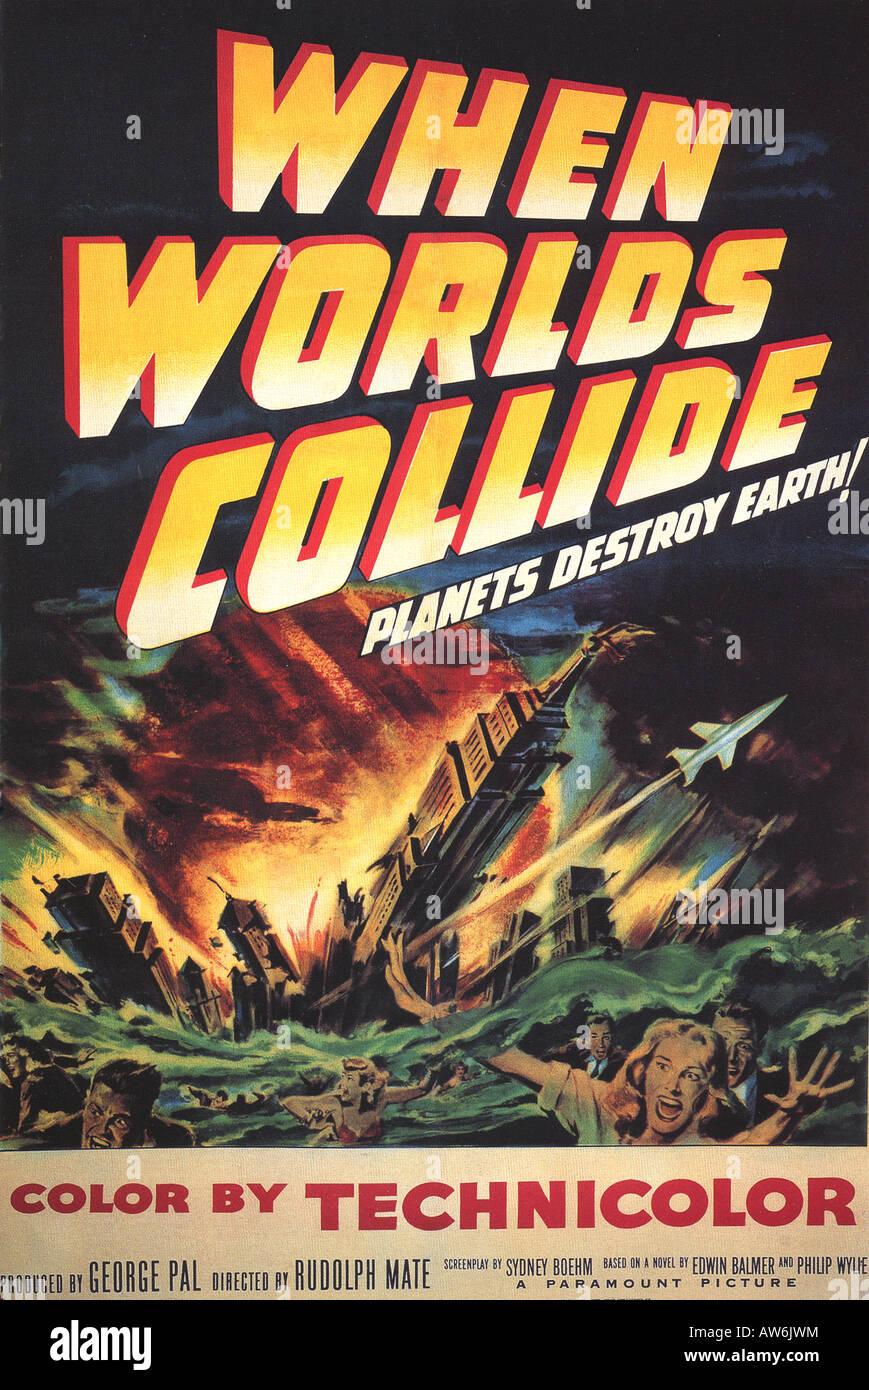 WHEN WORLDS COLLIDE Plakat für Paramount Flm 1951 Stockbild